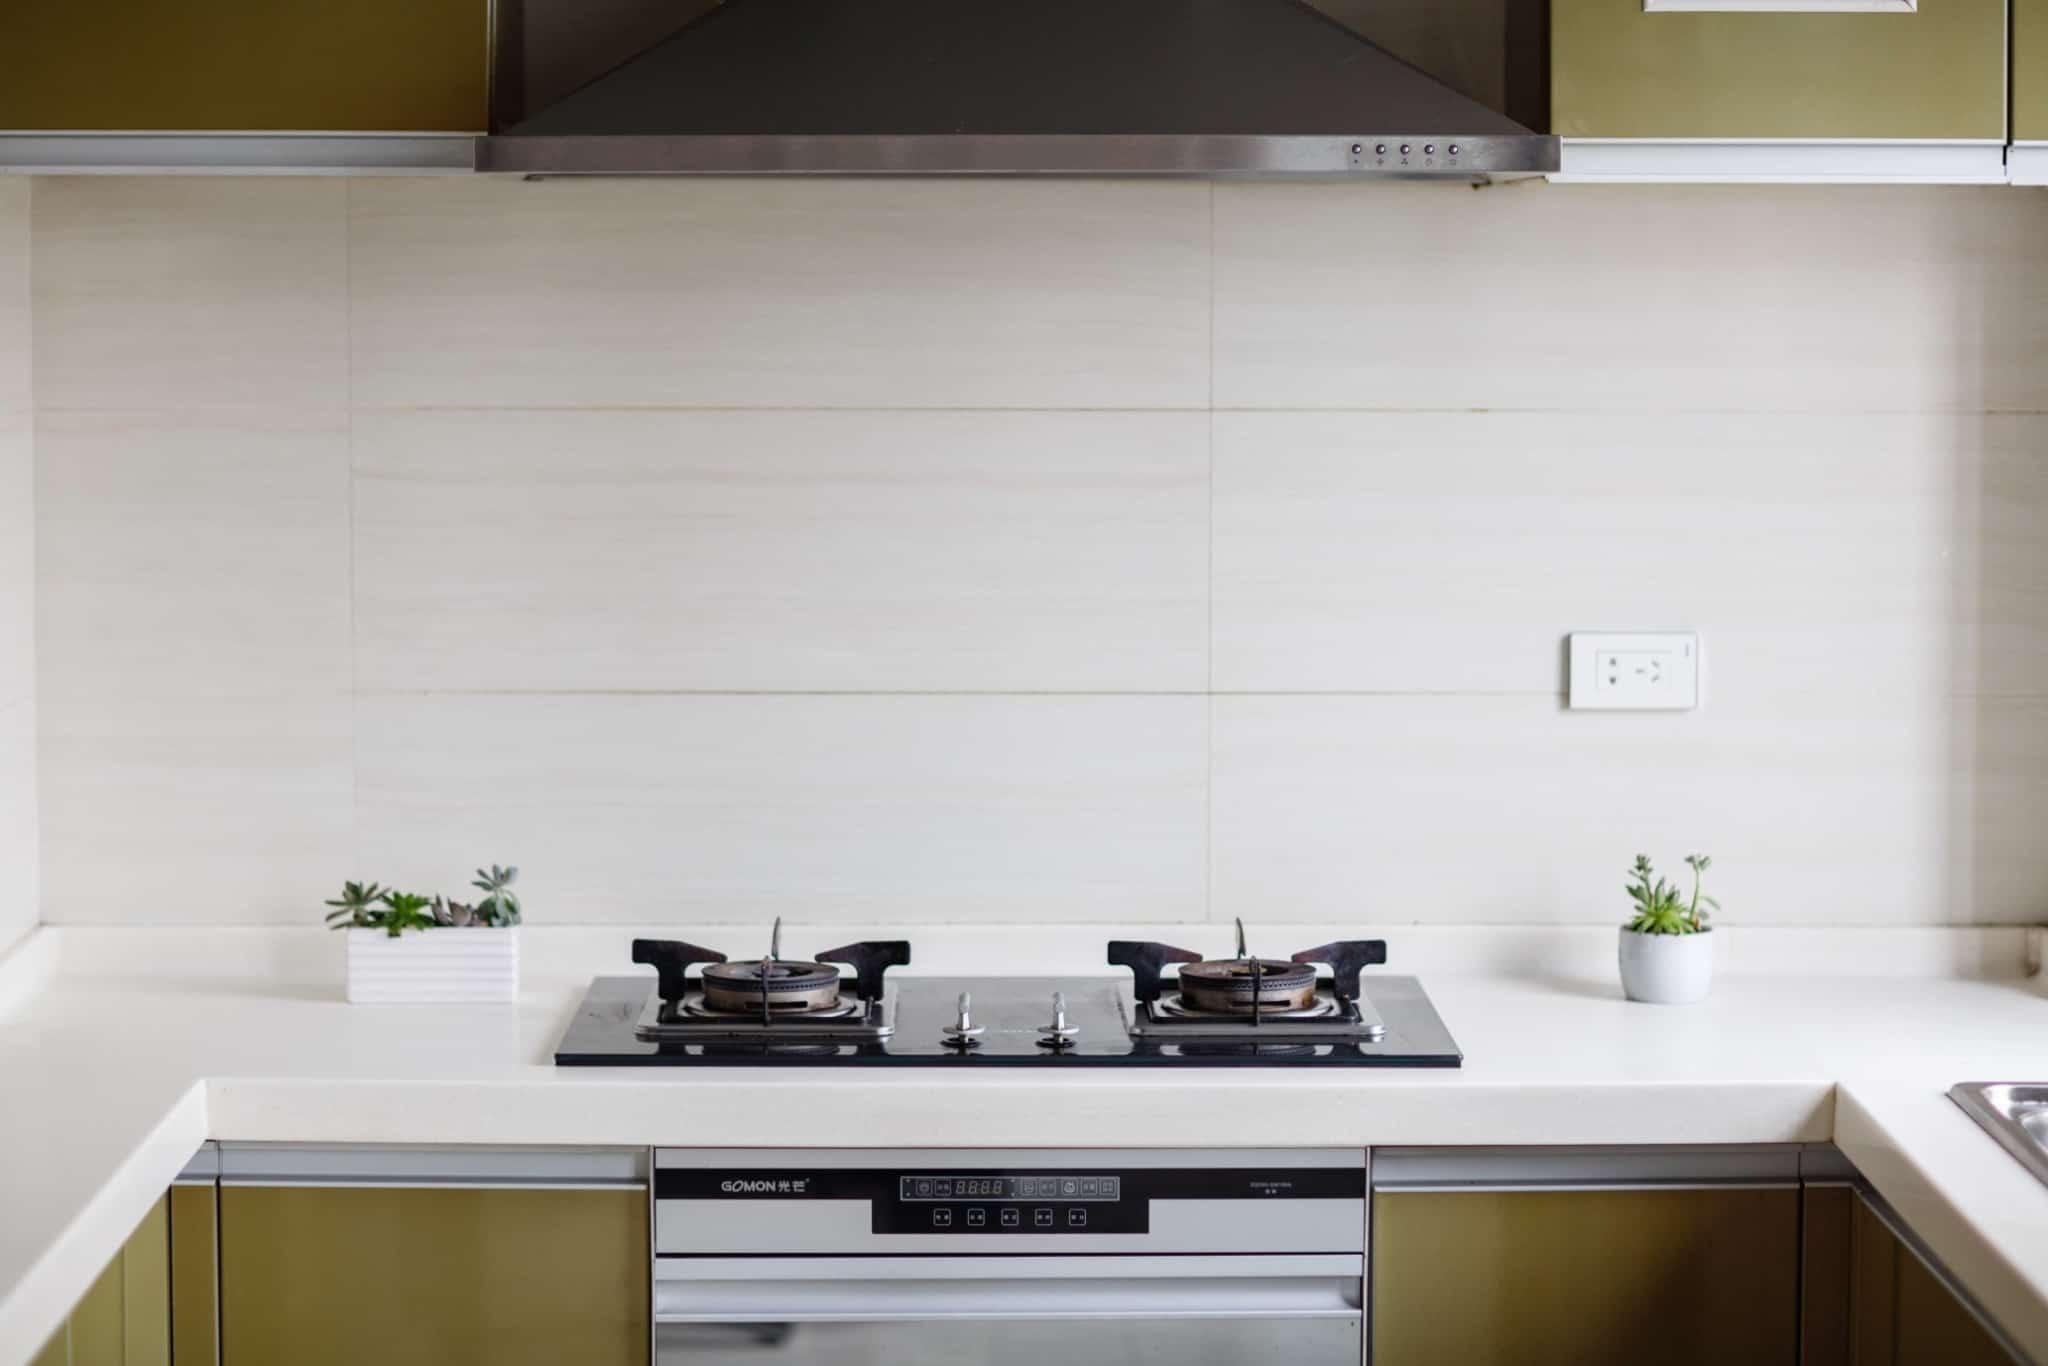 cozinha com forno e fogão com dois bicos